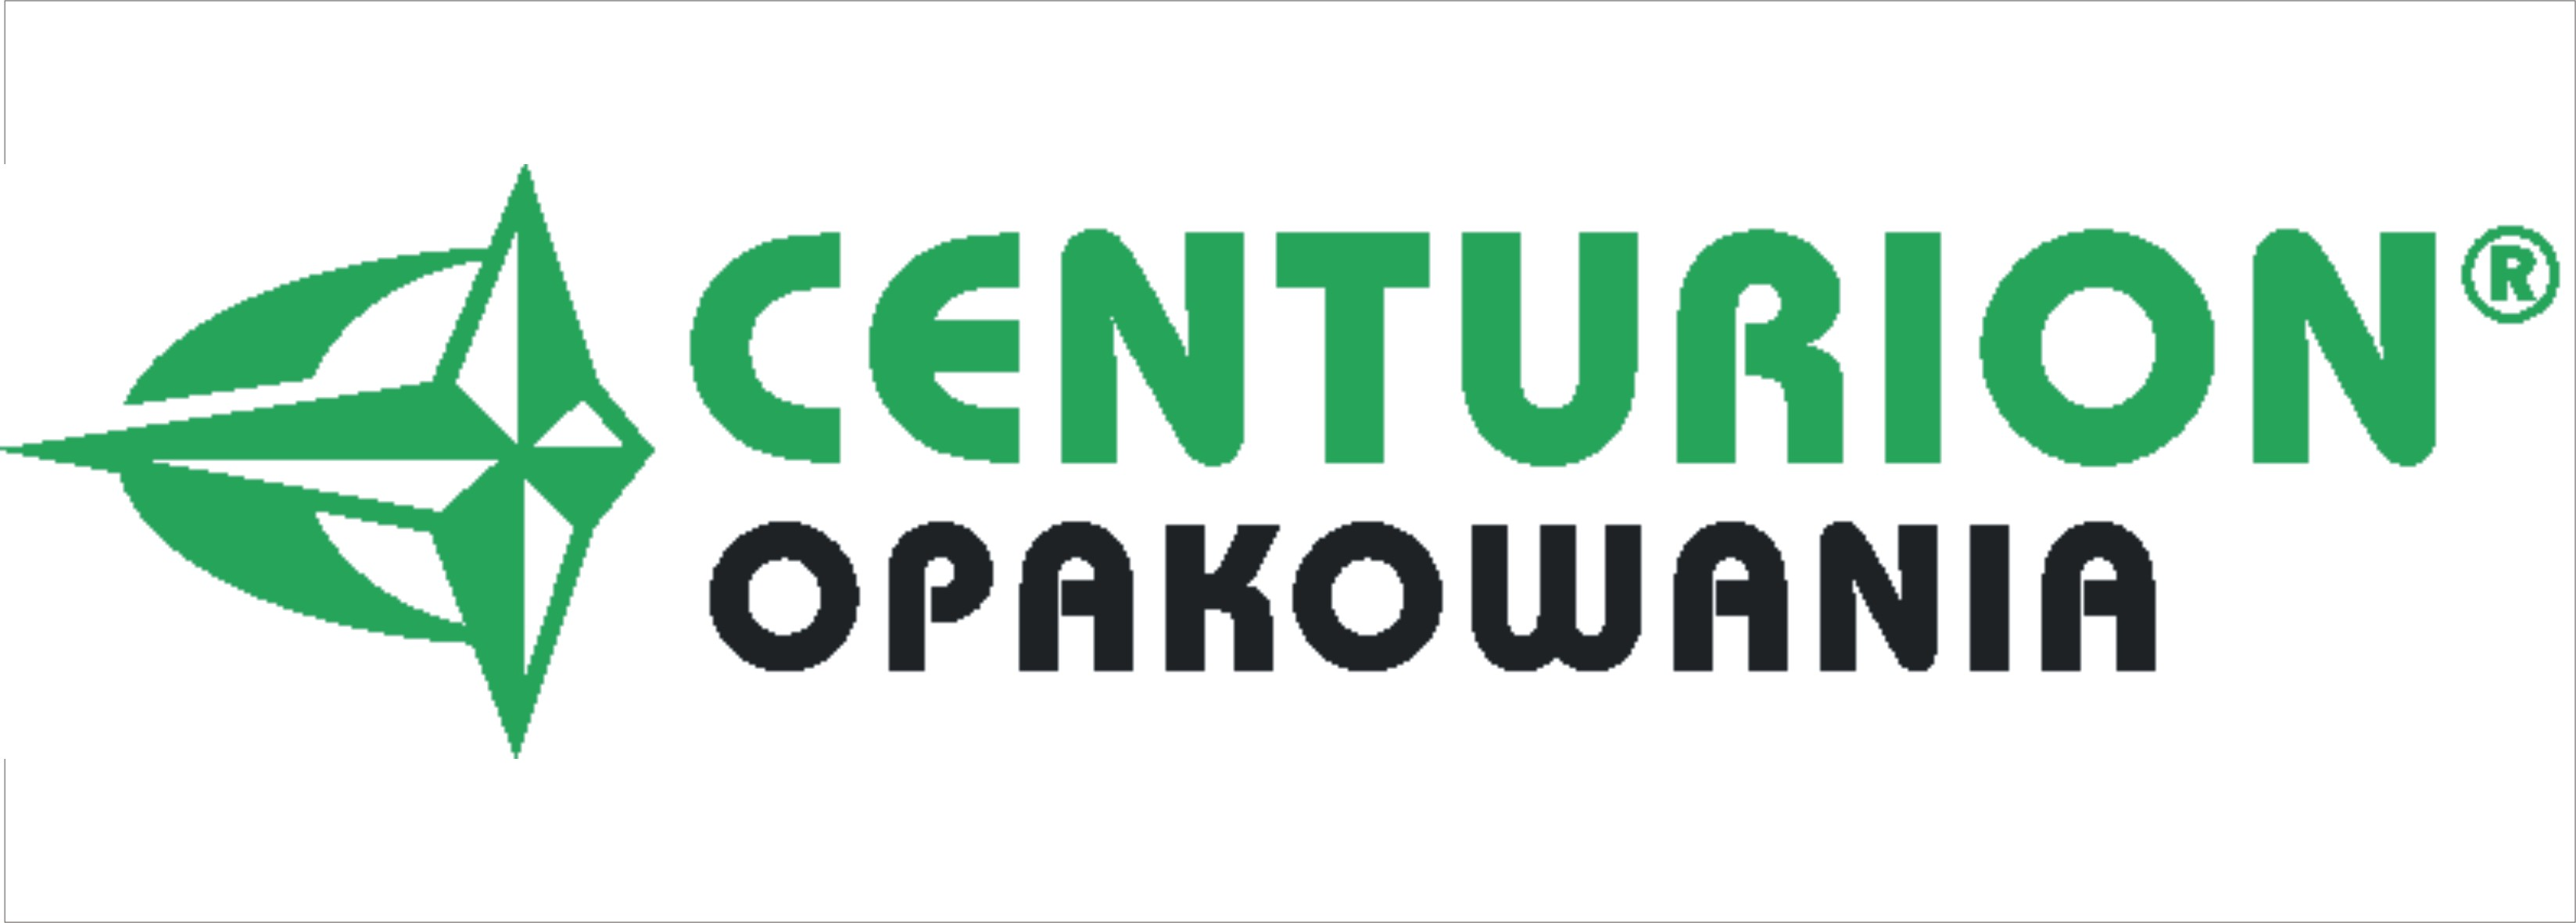 http://www.centurionopakowania.pl/